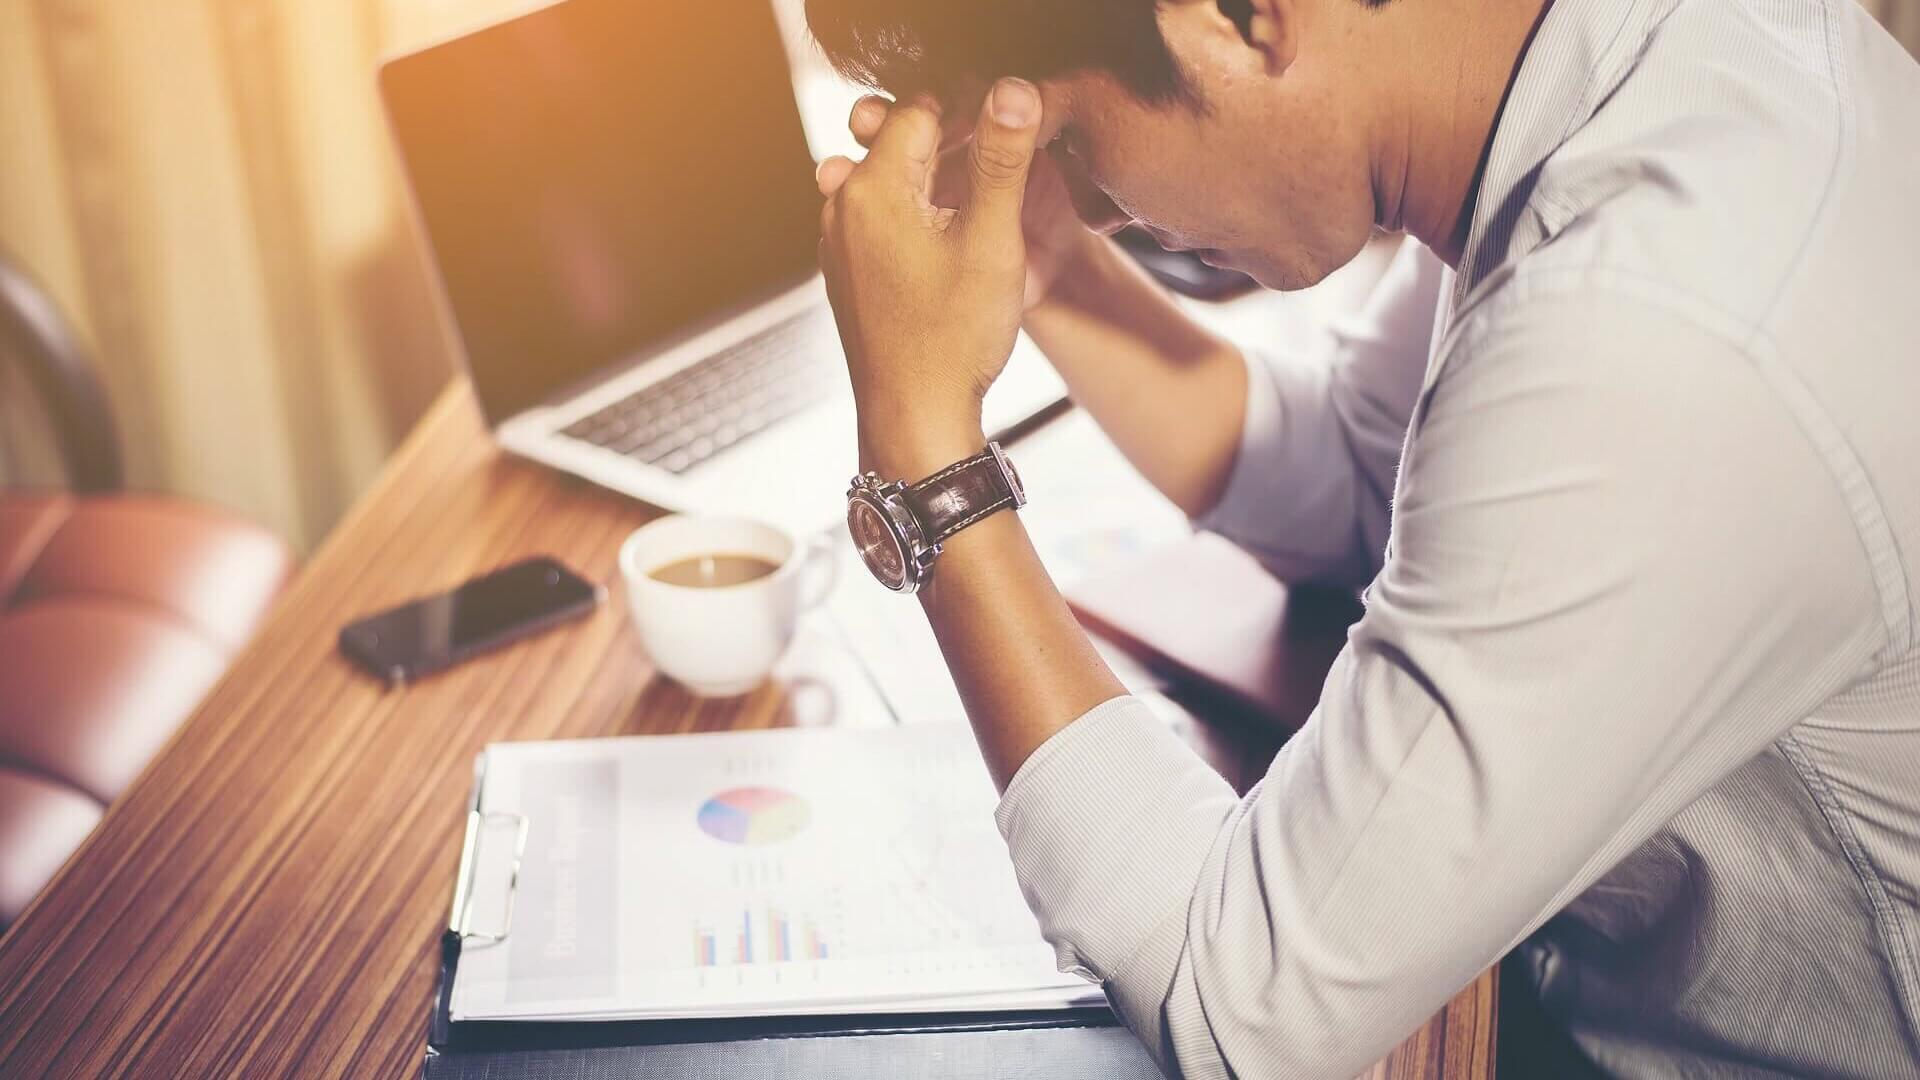 Nimm dir den Arbeitsstress nicht nach Hause. Wie kannst du Arbeit und Privatleben trennen?